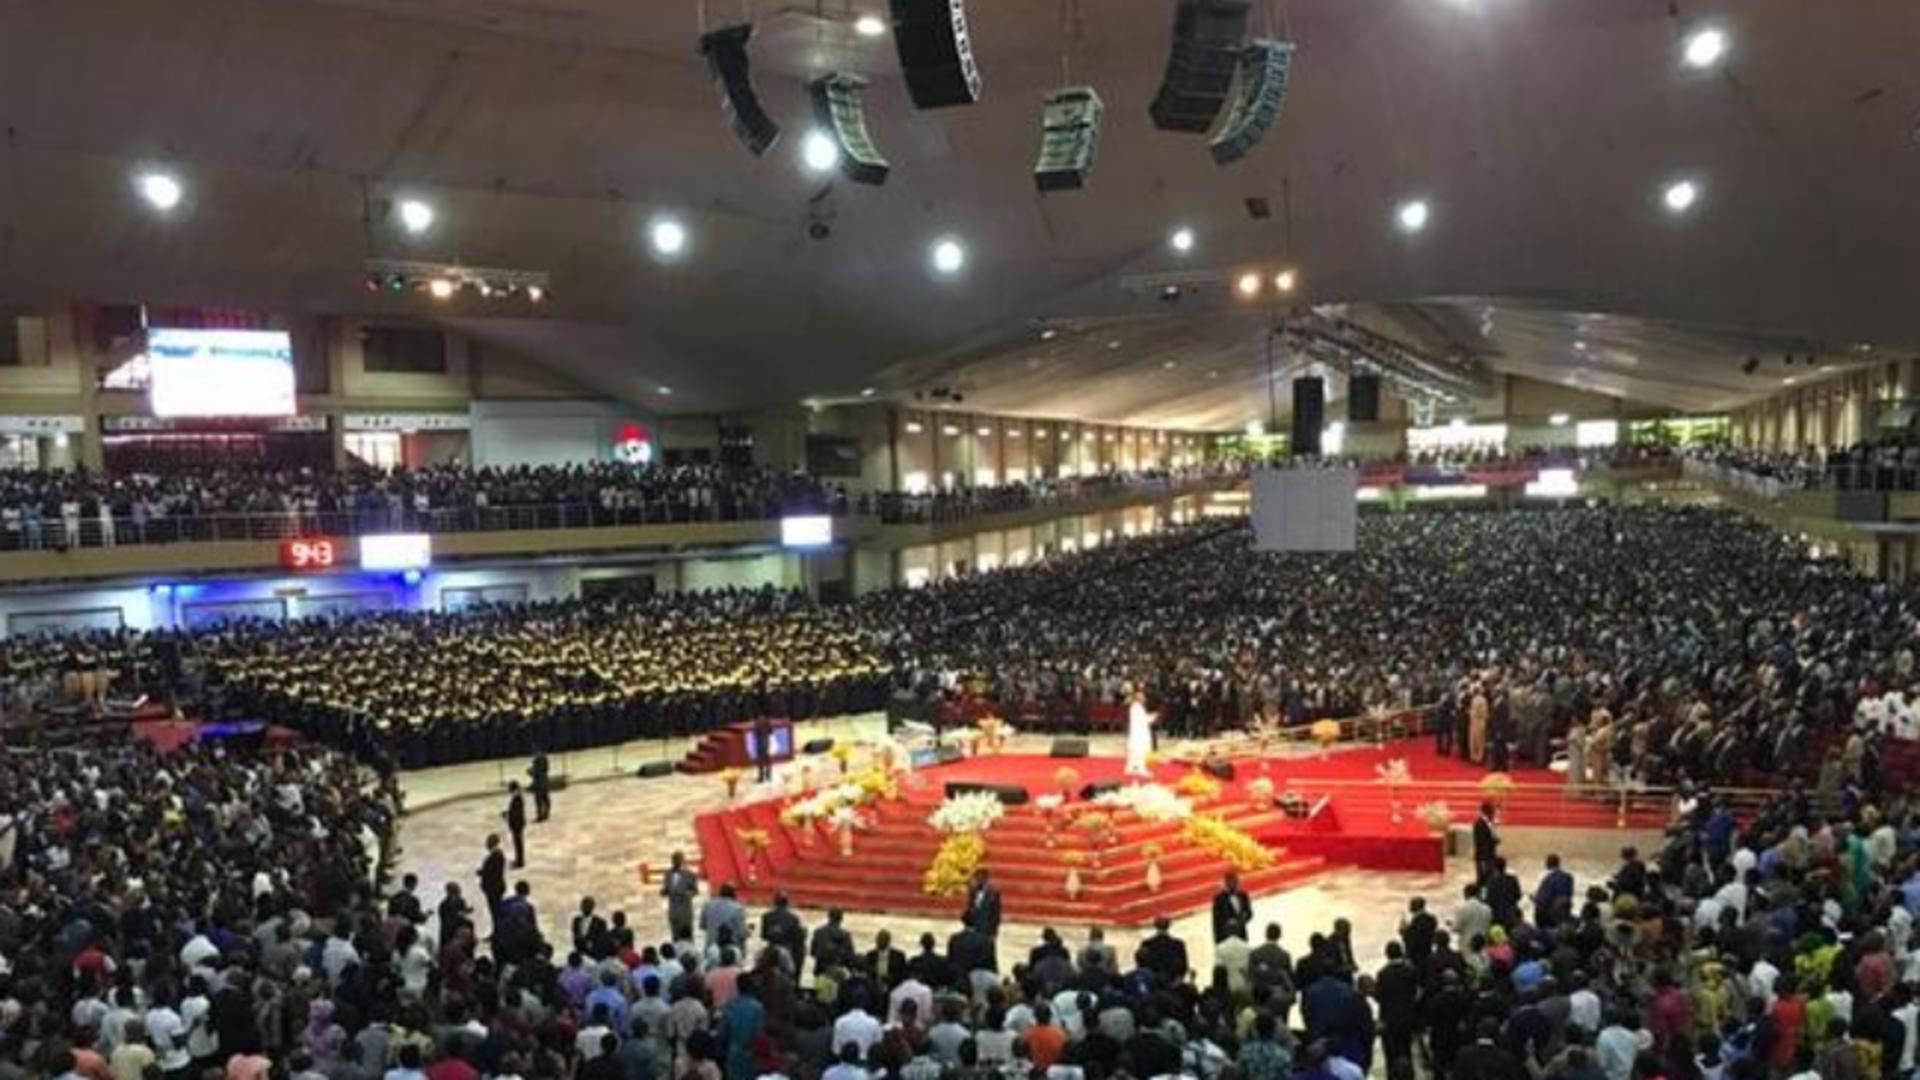 Cum arată cea mai mare biserică din lume, în care intră 1 milion de creștini Foto: DW.com